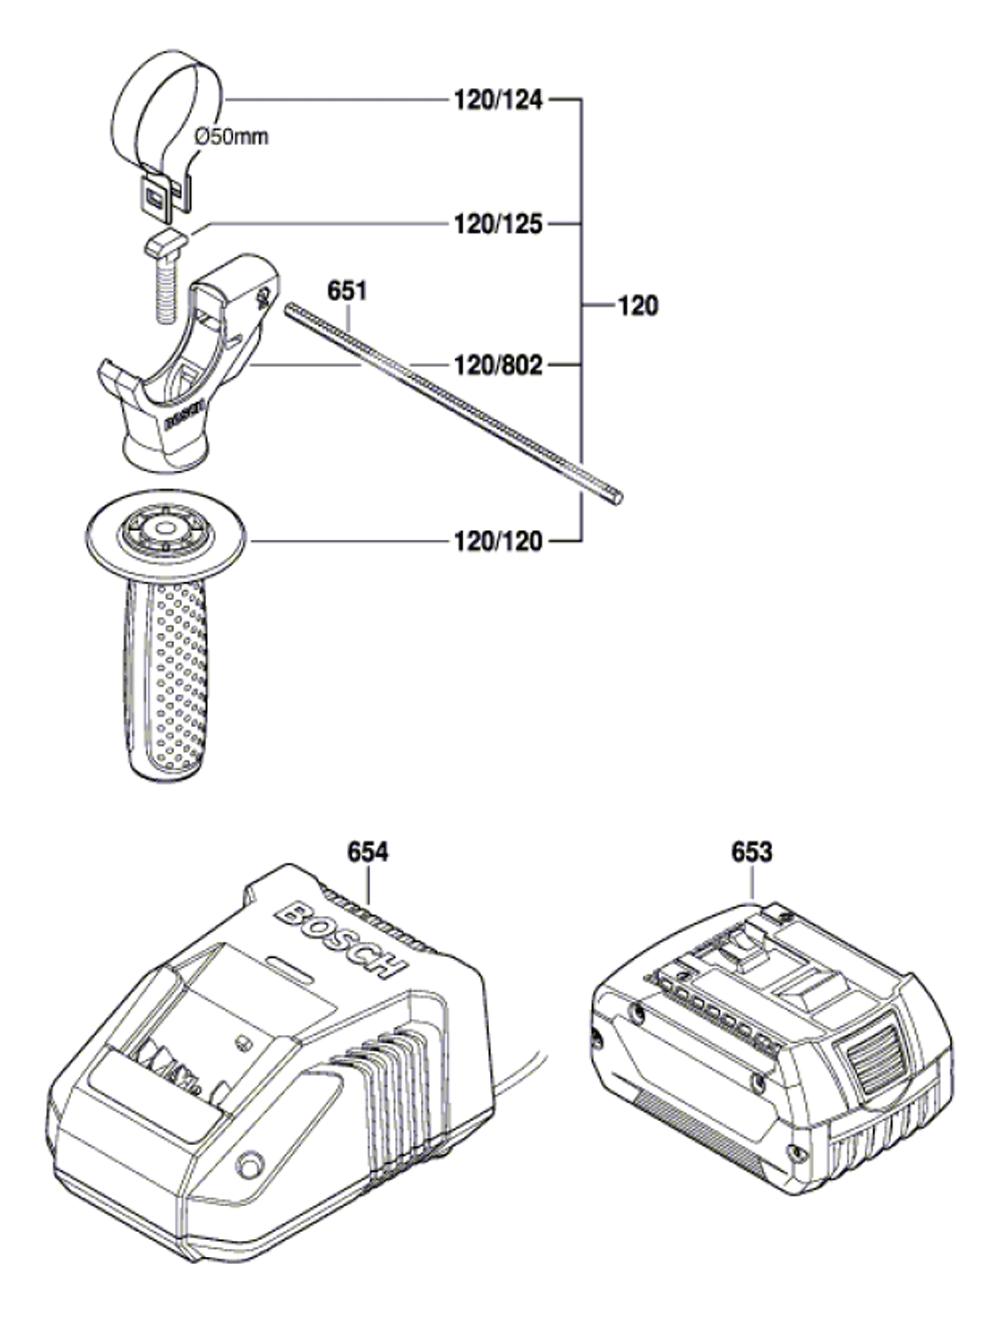 RHH181-01-(3611J04010)-Bosch-PB-1Break Down